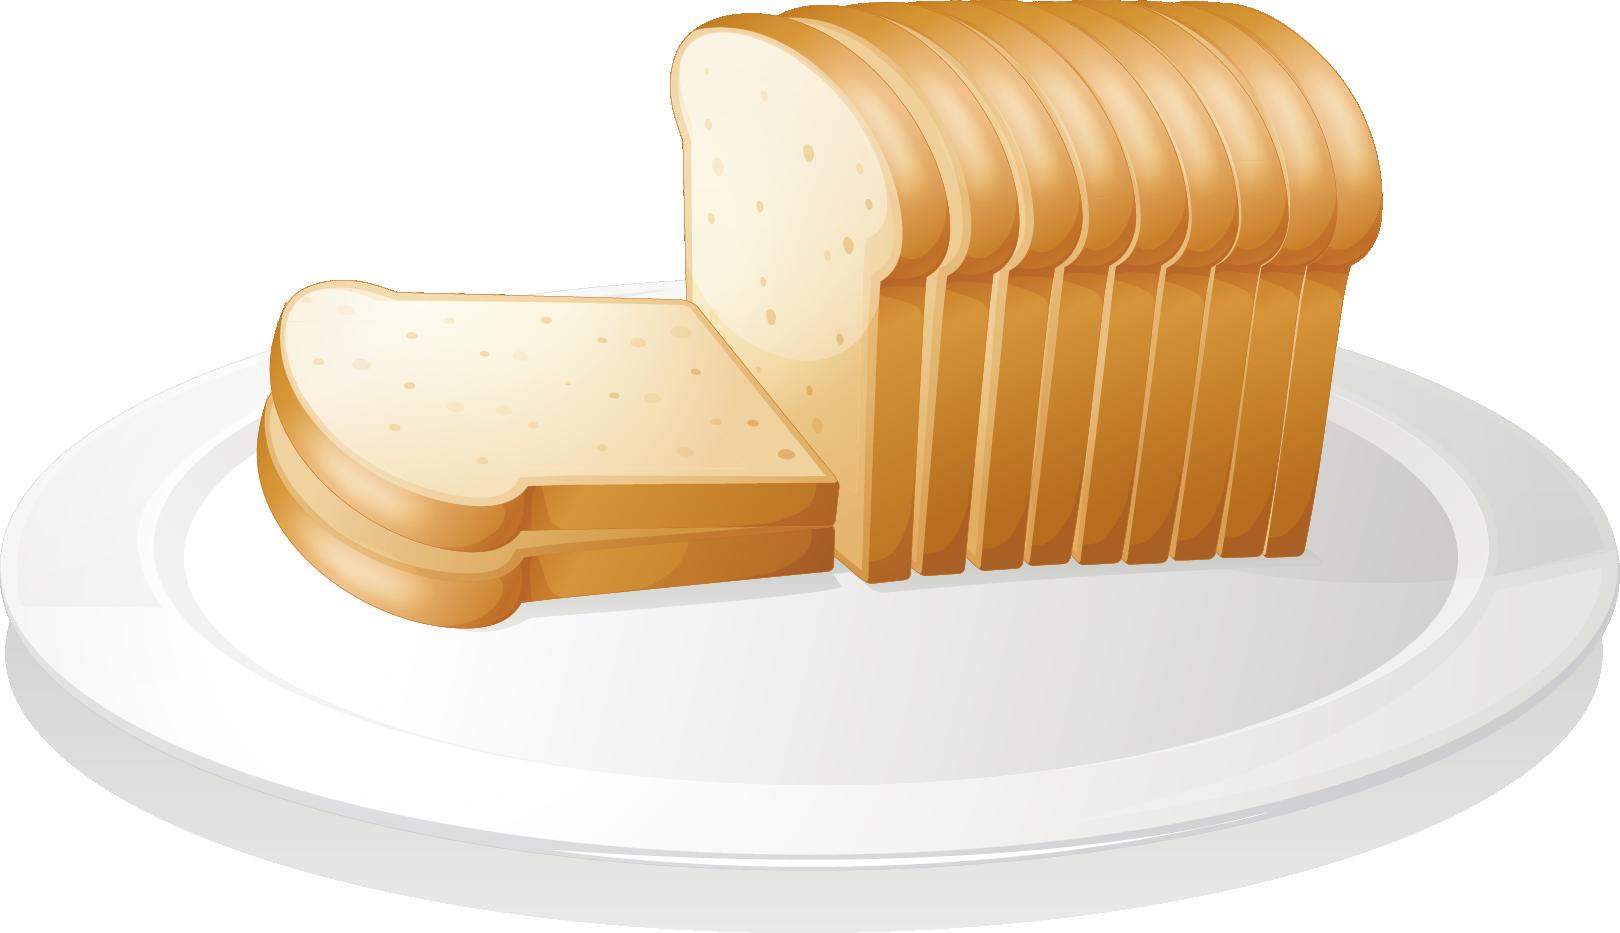 Clipart bread breakfast bread. Toast cheese sandwich baguette